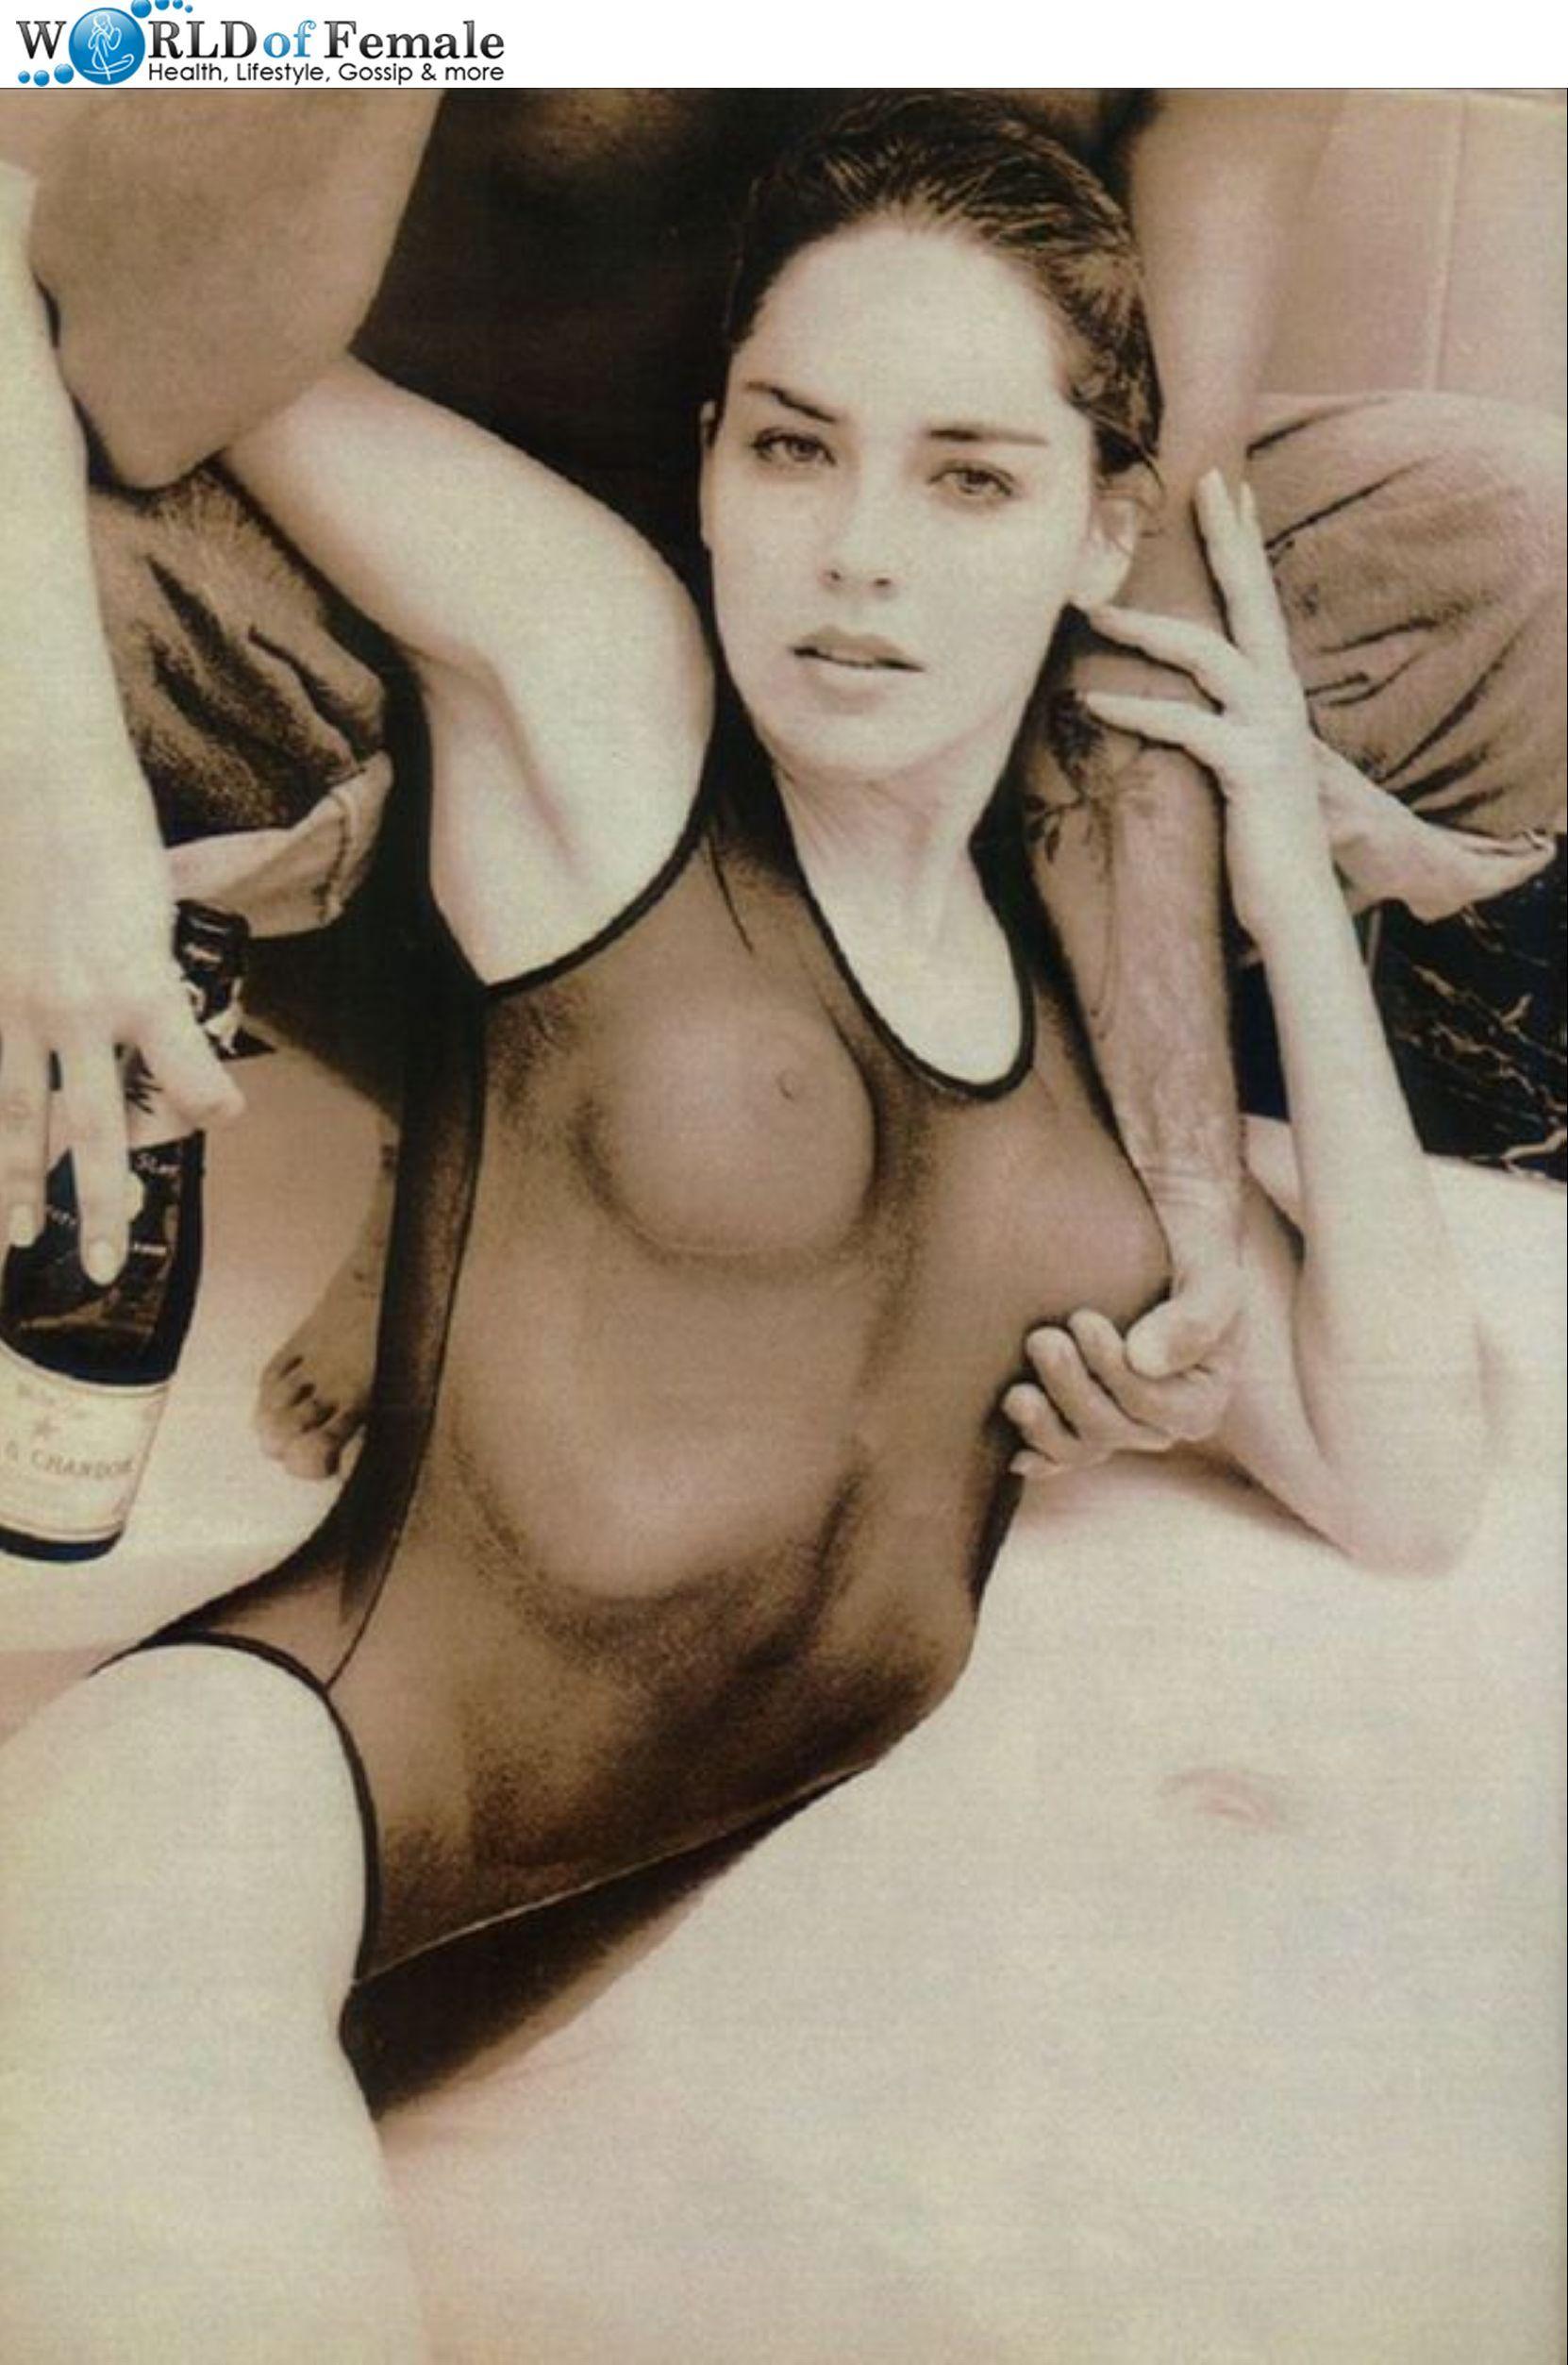 Французкие порно актрисы смужиками фото 7 фотография